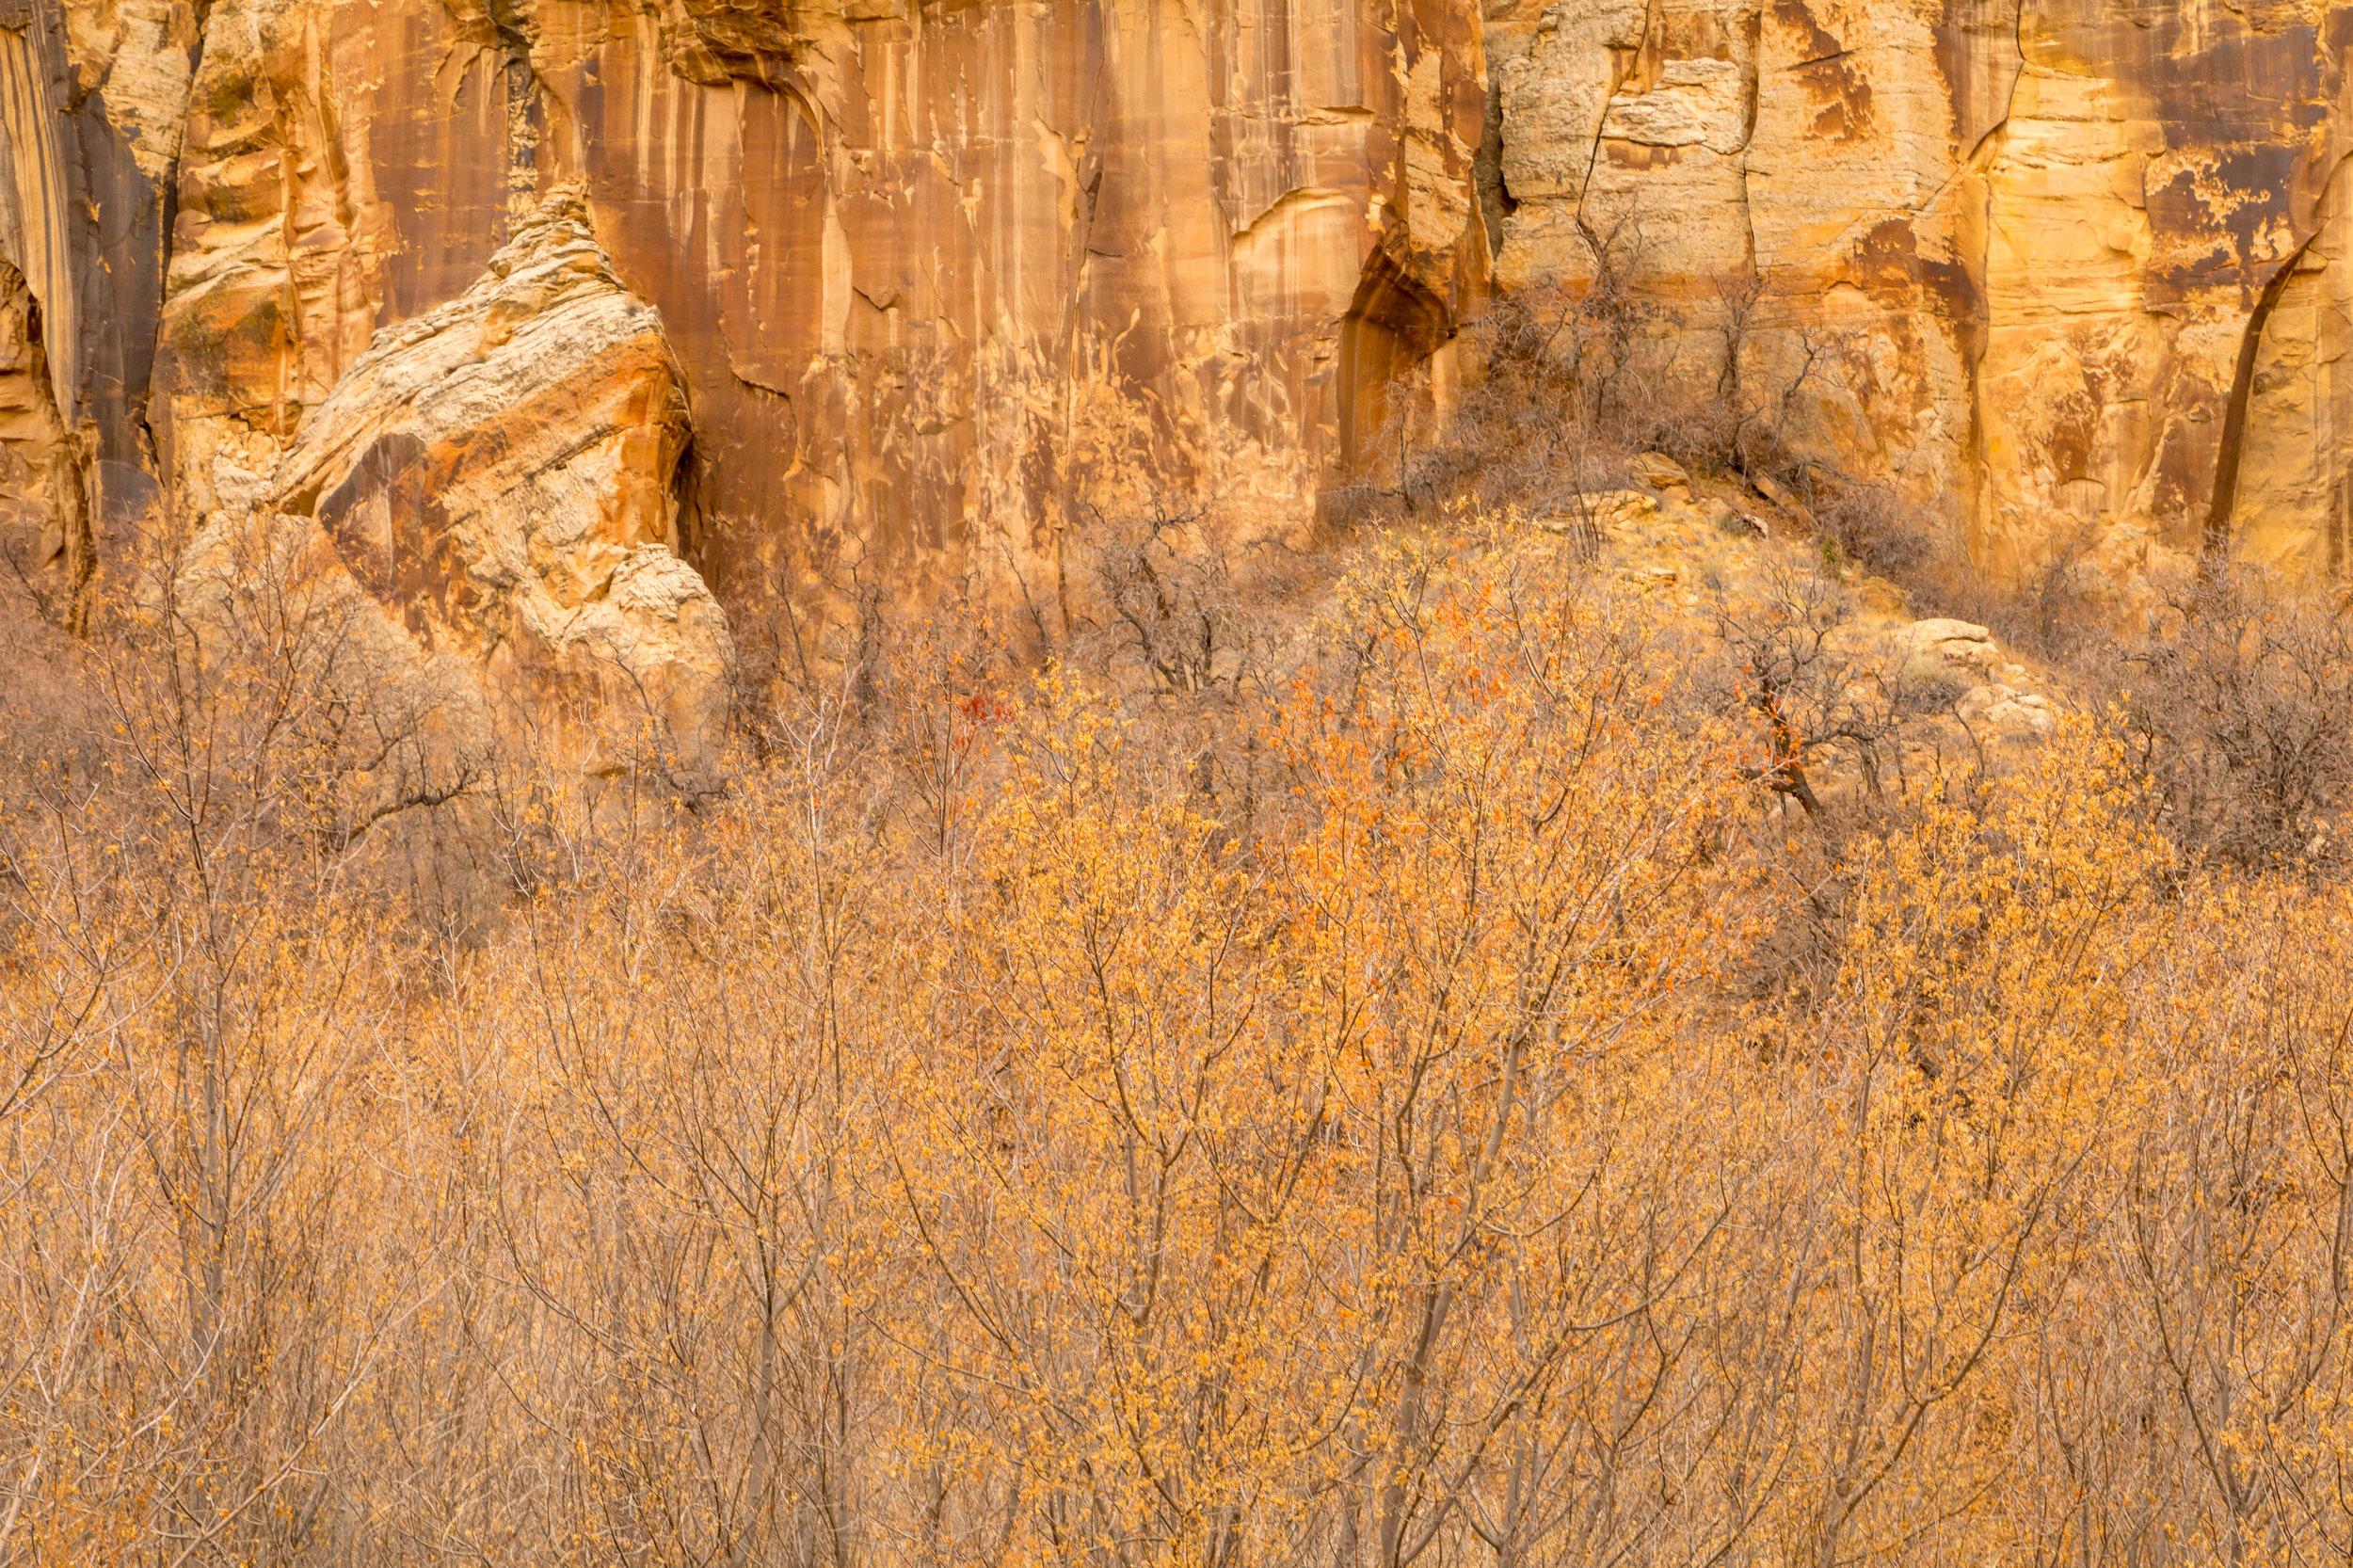 Lower Calf Creek Falls, Image # 3933